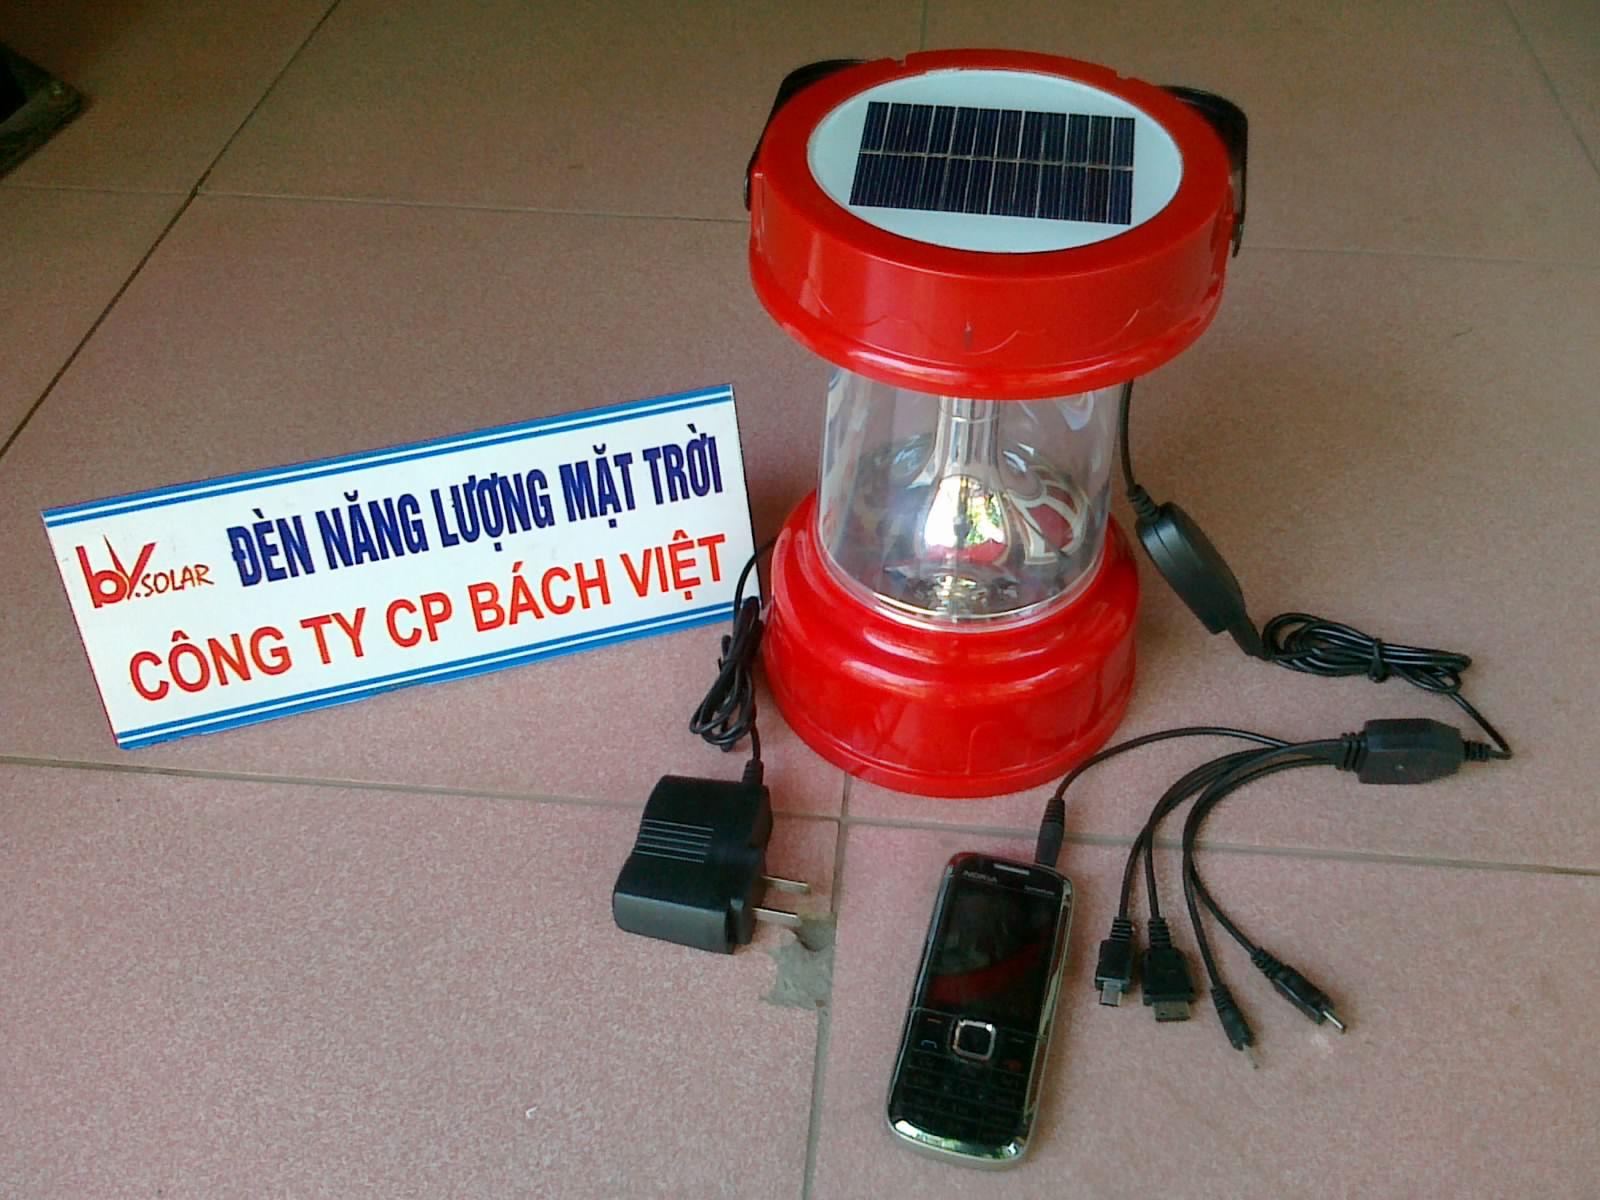 đèn xách tay năng lượng mặt trời bv 03f